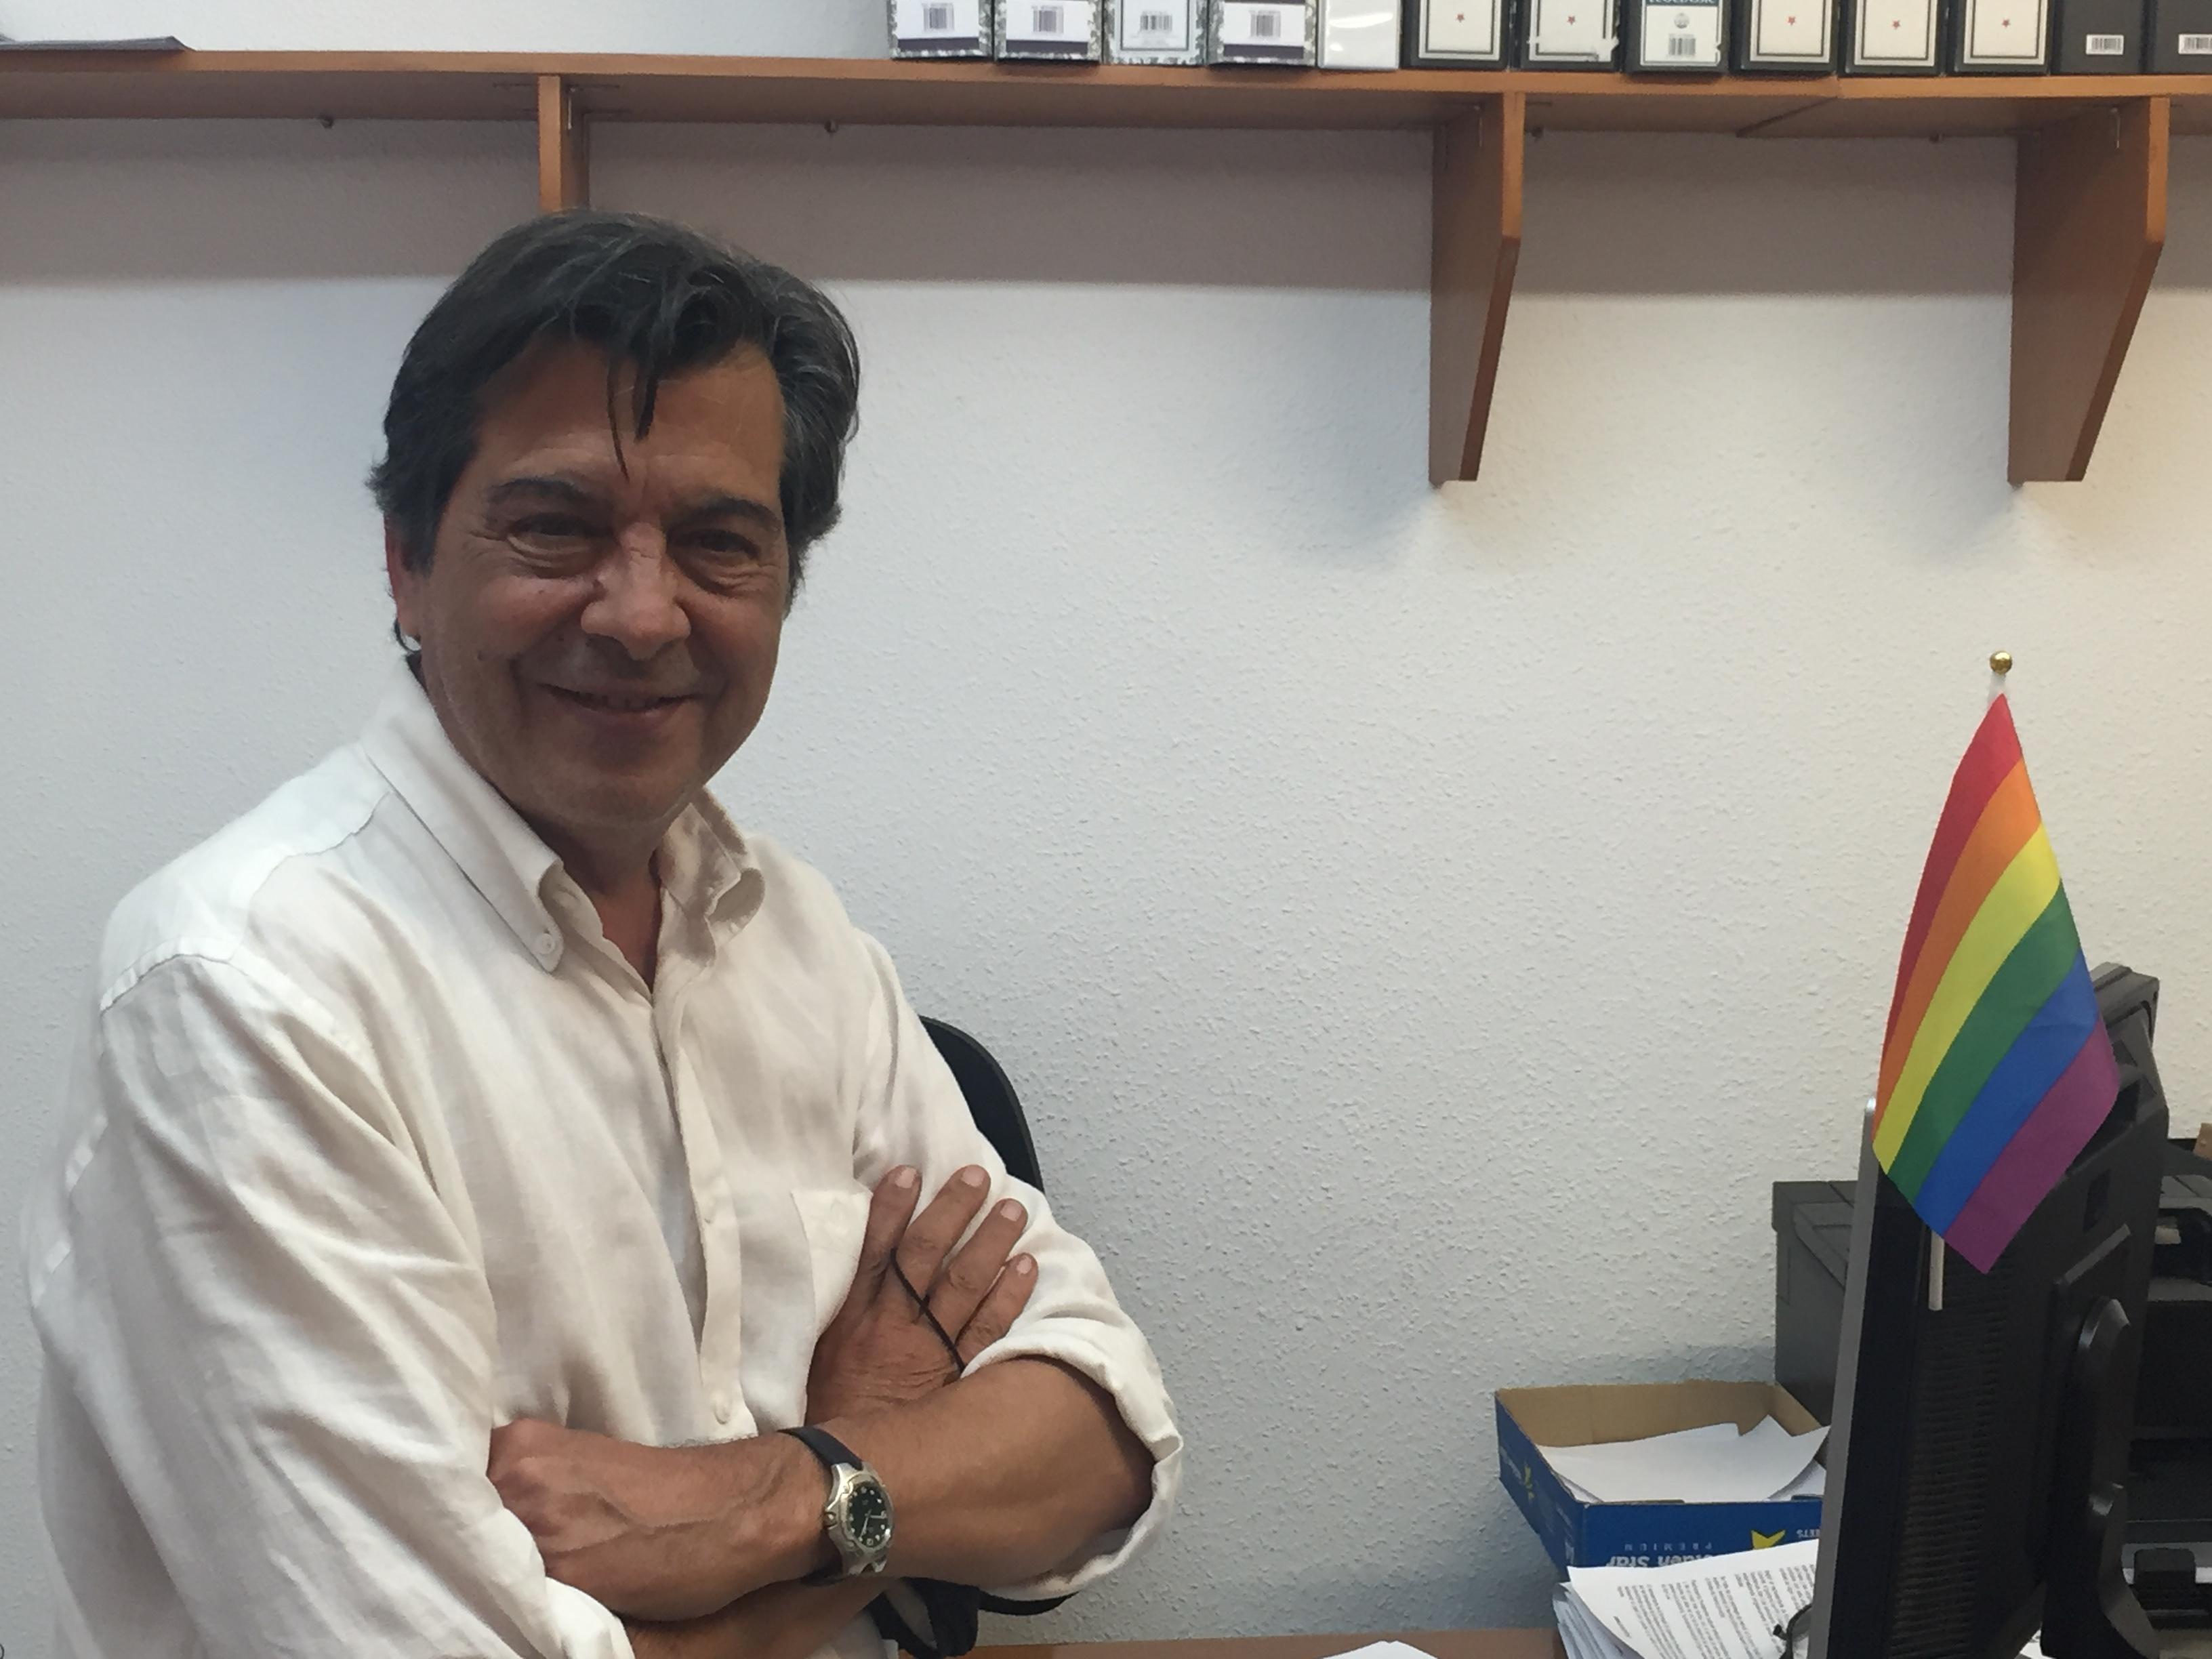 Denuncian la privatización encubierta de la Residencia de Mayores San Luis de Motril